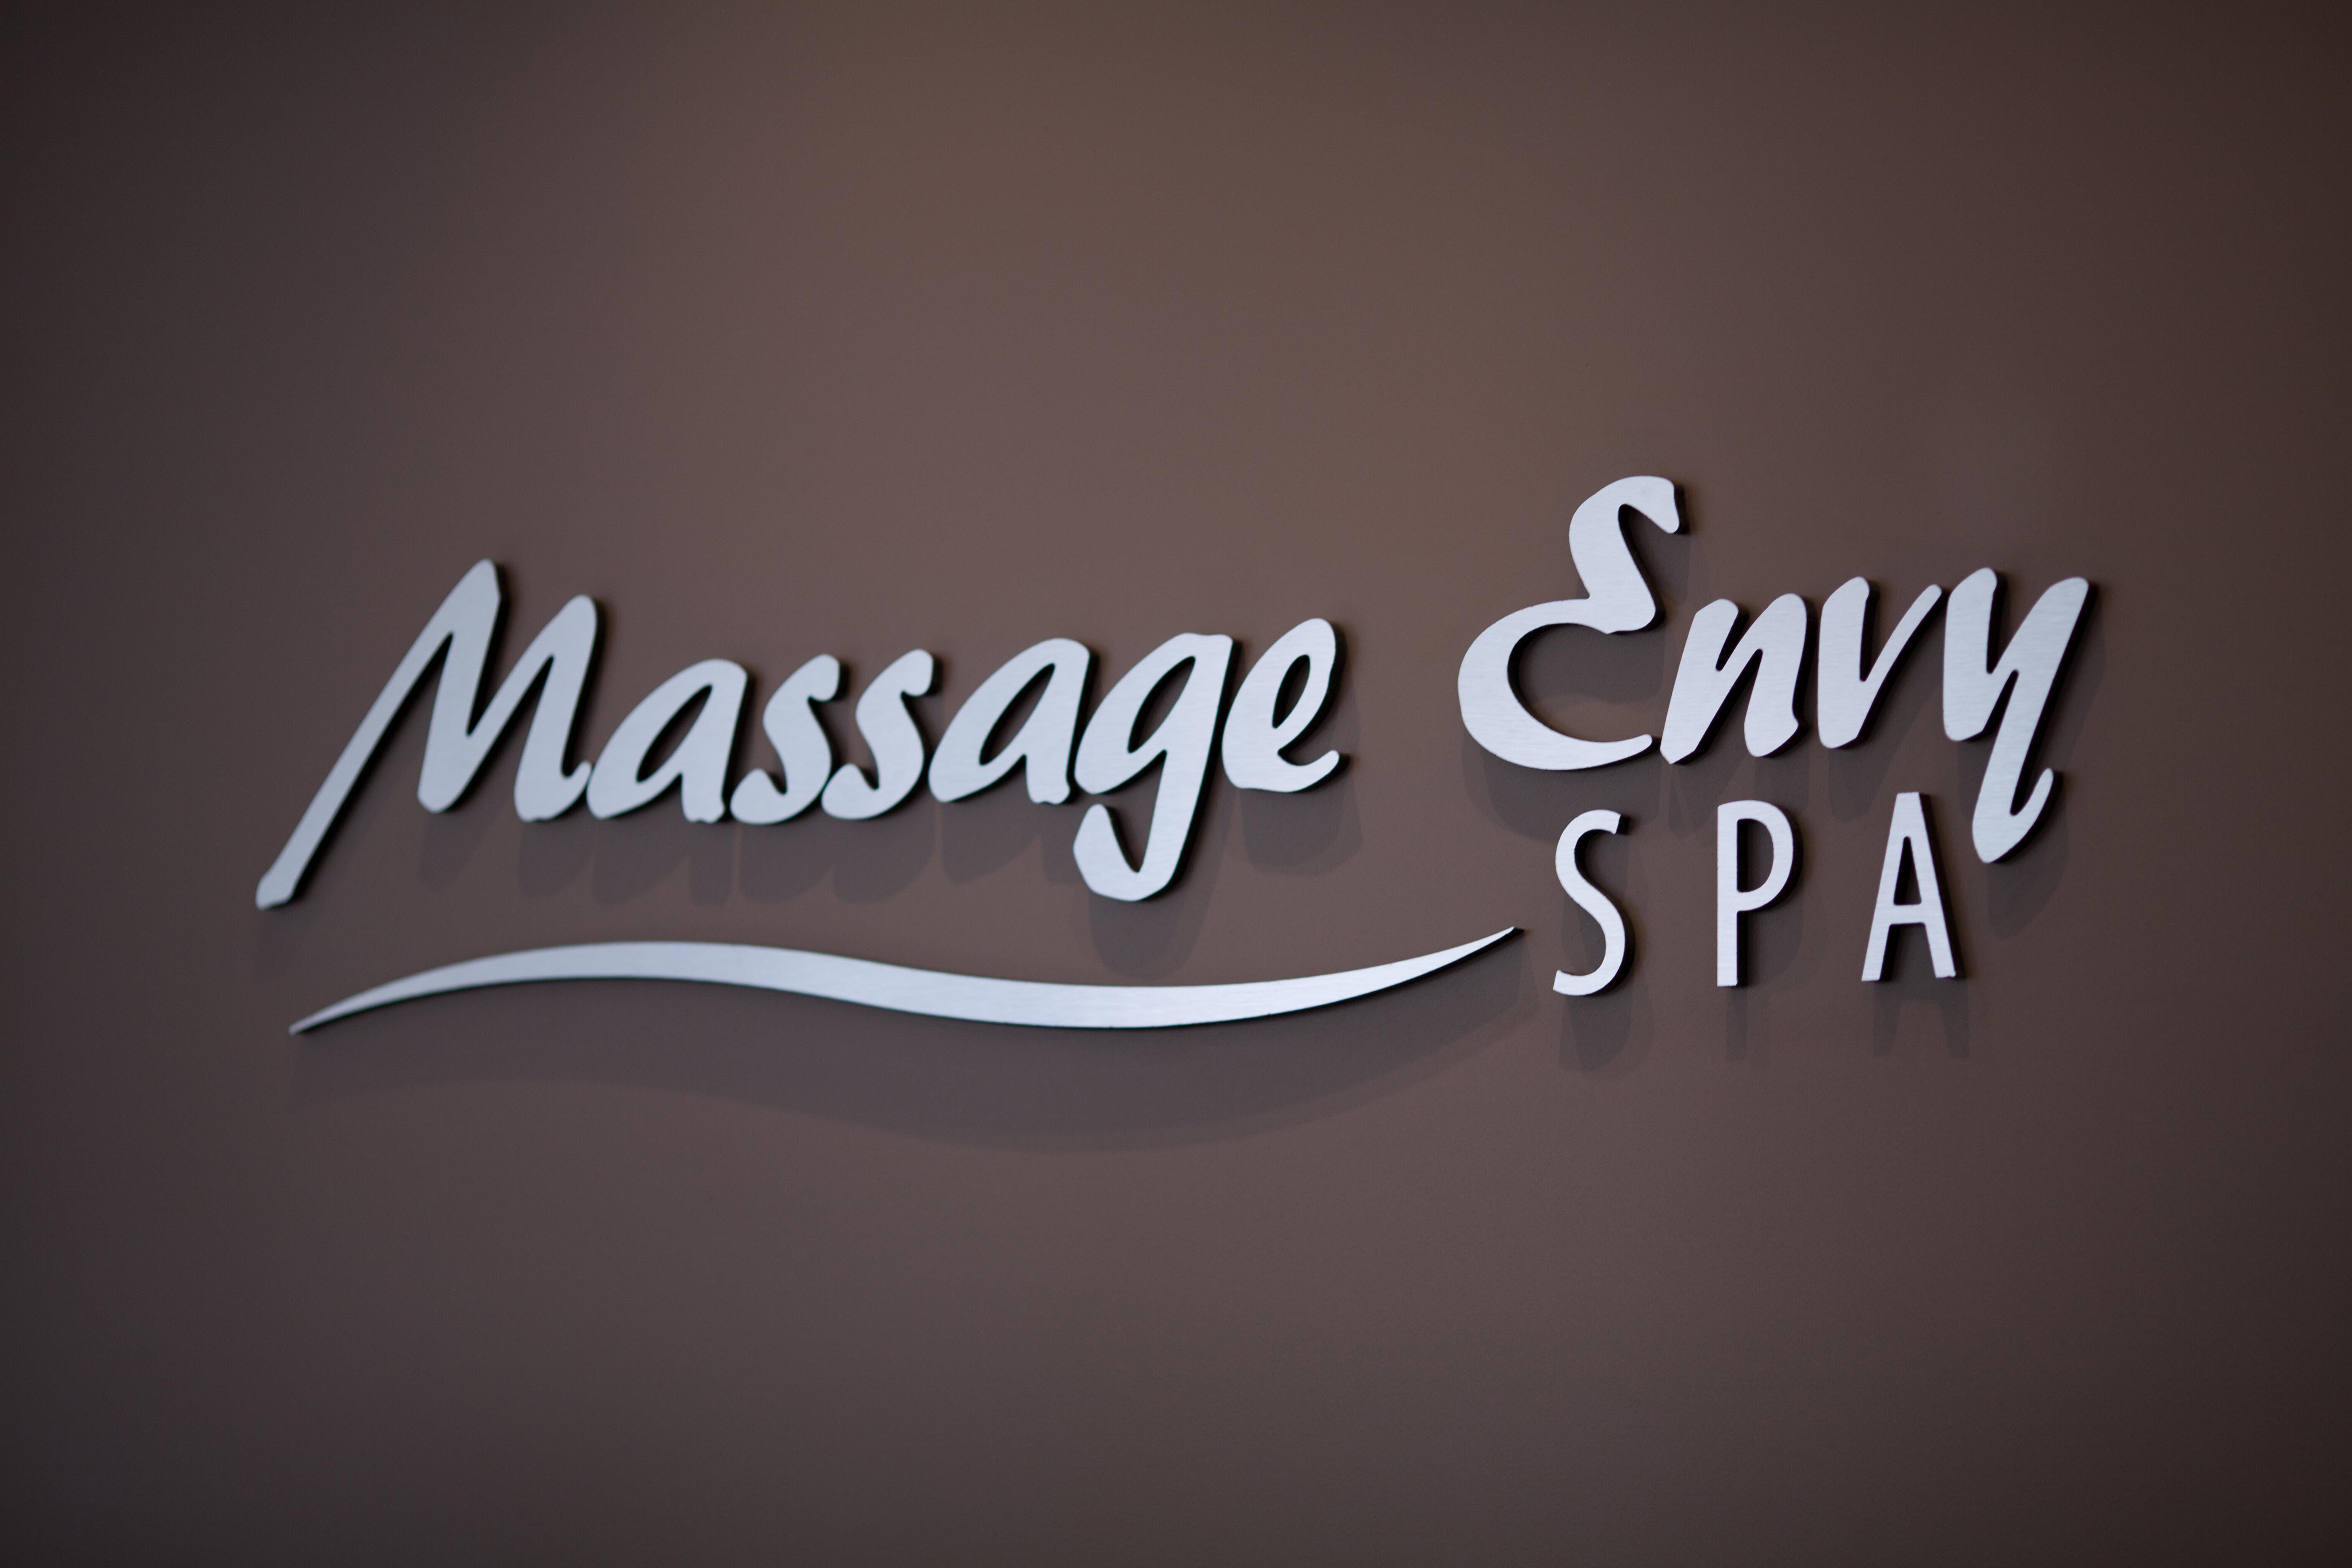 Massage Envy Spa - La Mirada